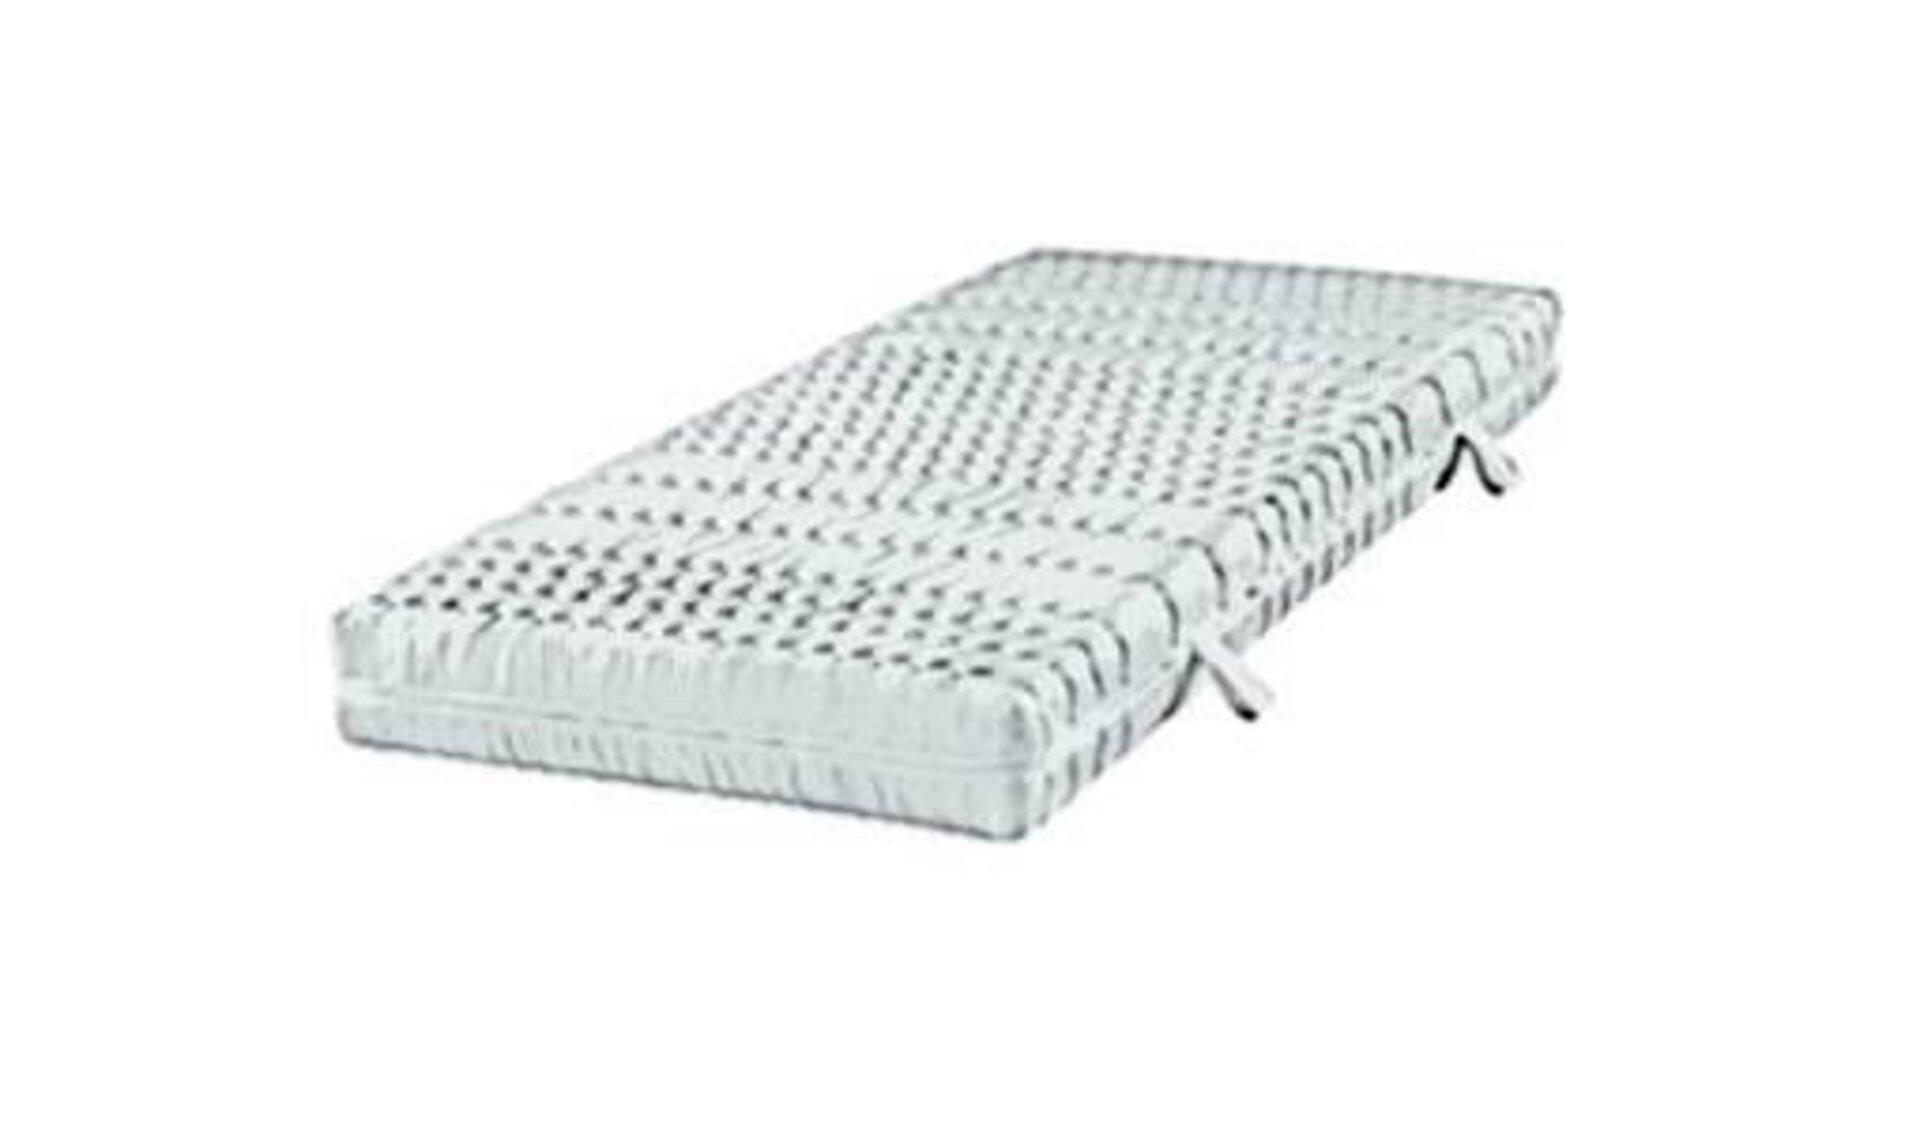 Icon für Matratze ist eine weiße Matratze mit den typischen Abnähungen für die Einteilung der Liegezonen.